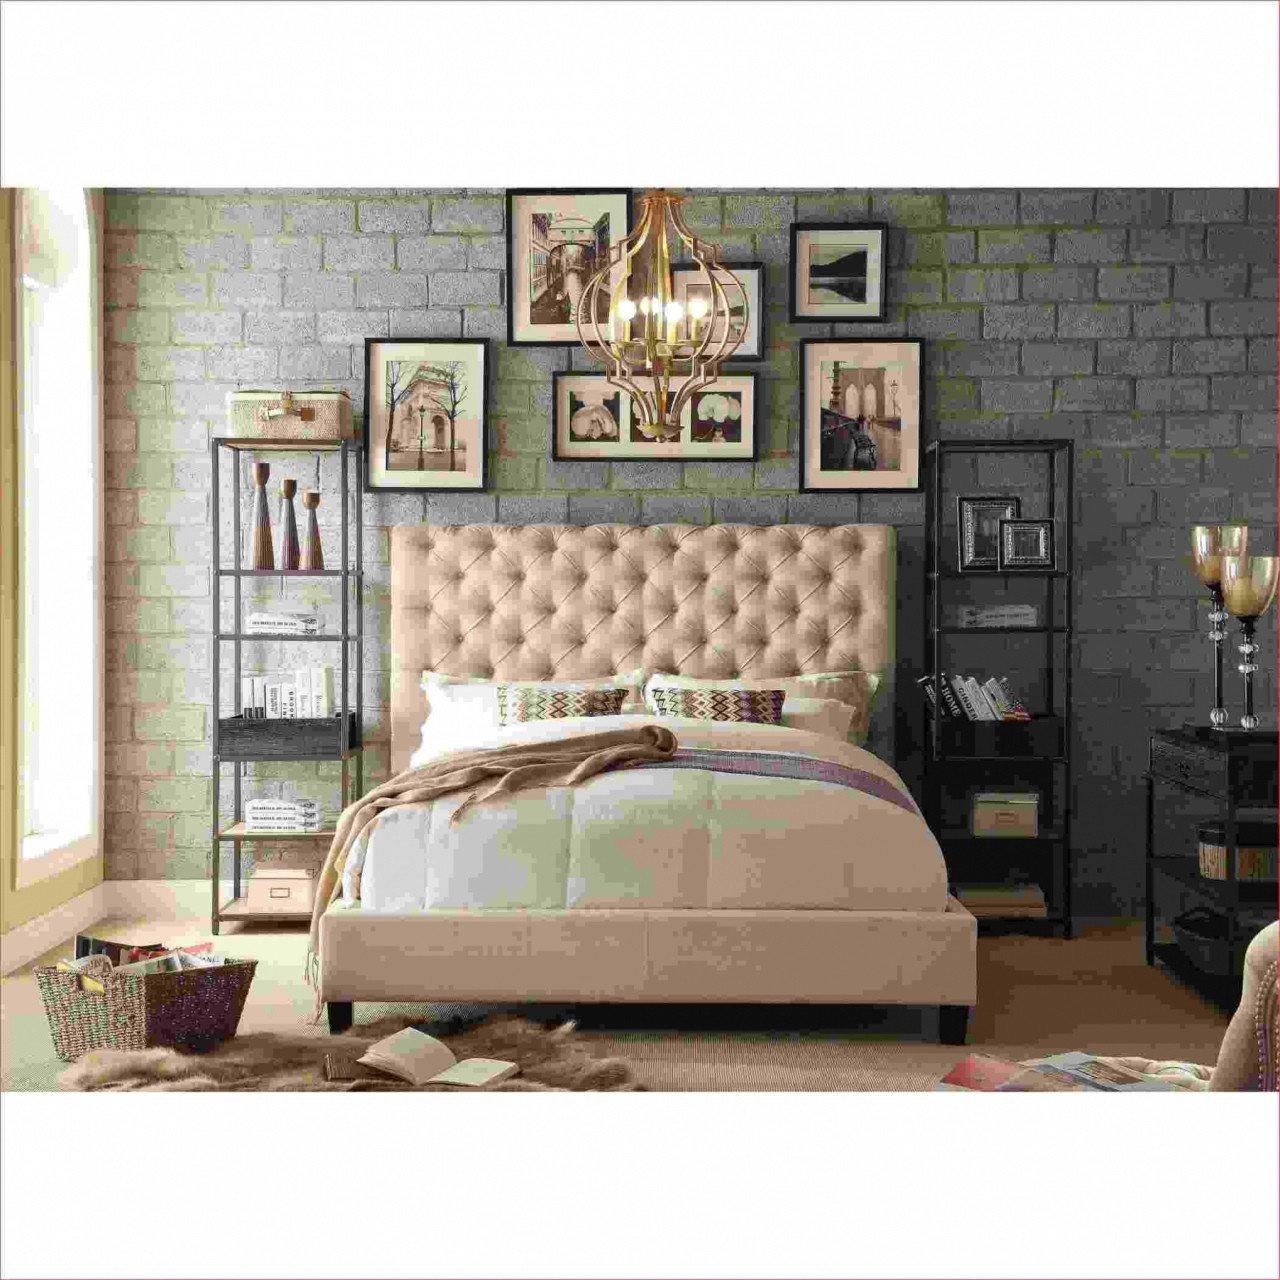 Solid Wood Bedroom Set Inspirational solid Wood Bedroom Furniture — Procura Home Blog